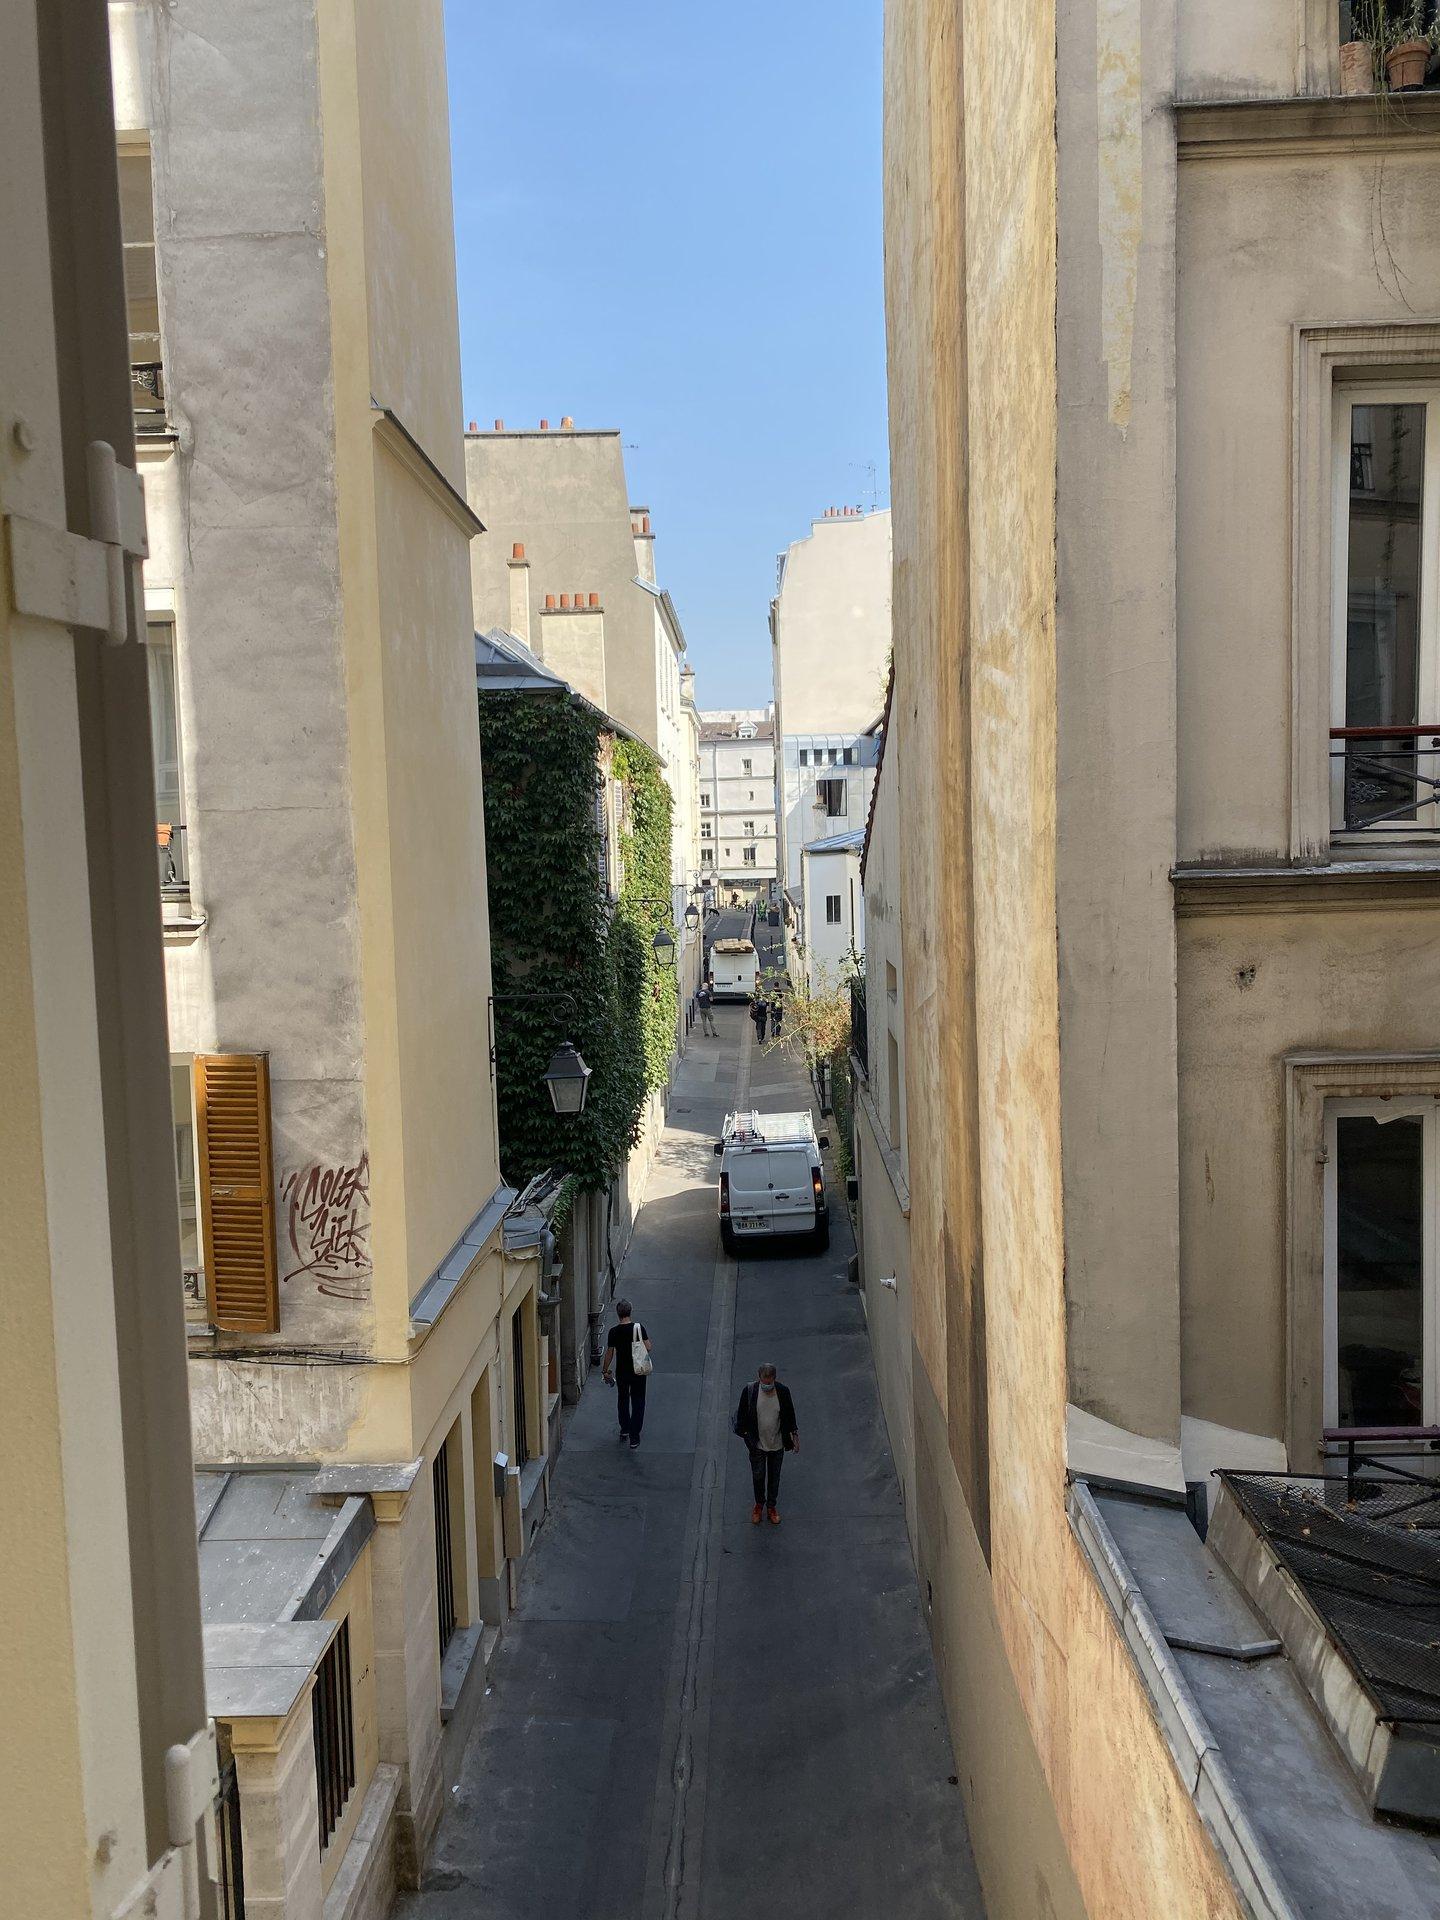 Paris Metro Place Jacques Bonsergent